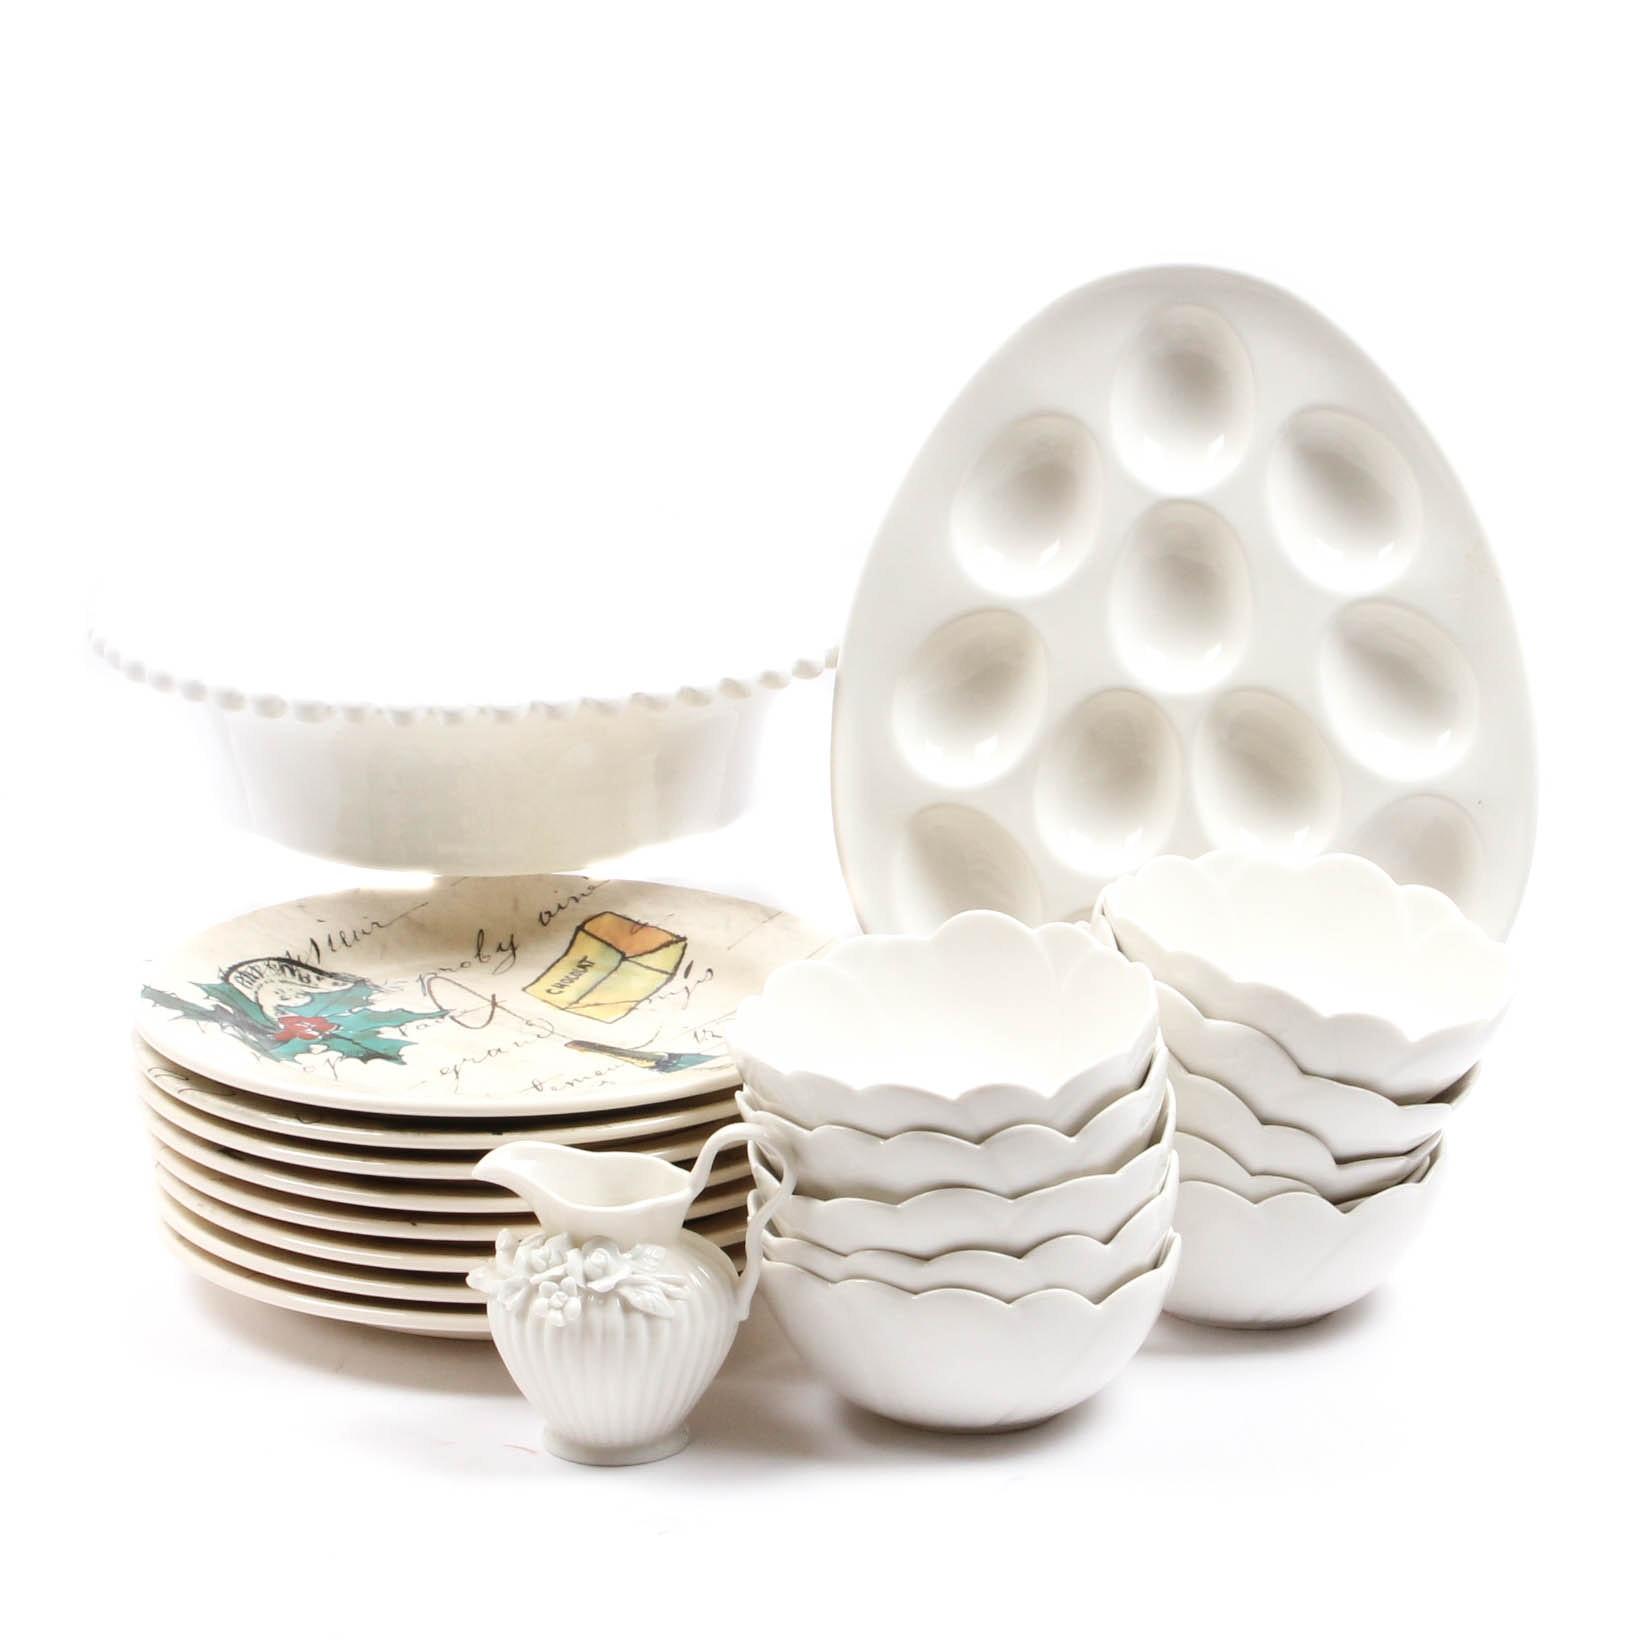 Tableware Featuring Williams-Sonoma